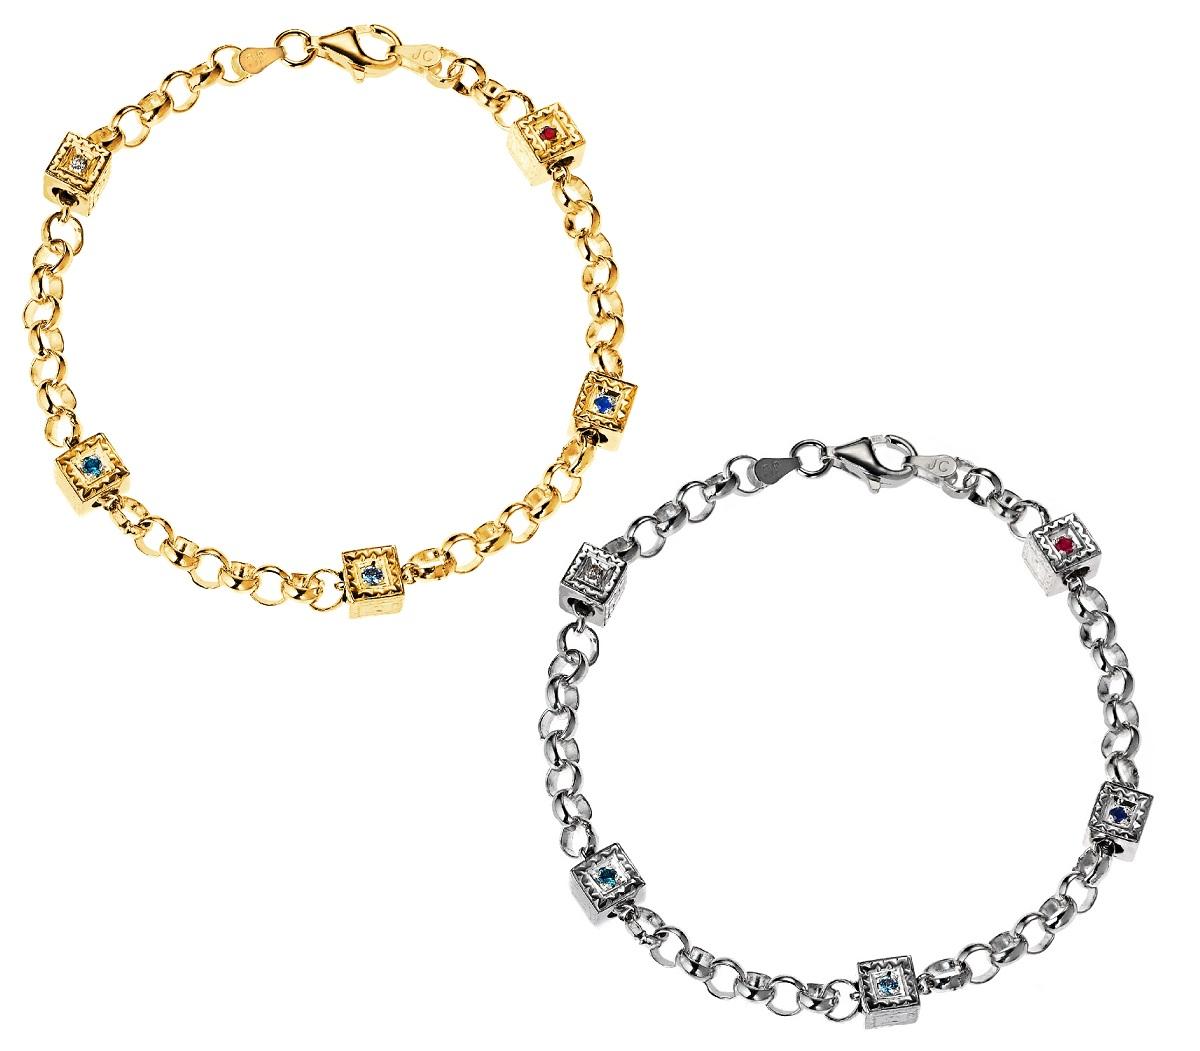 gold silver charm bracelets